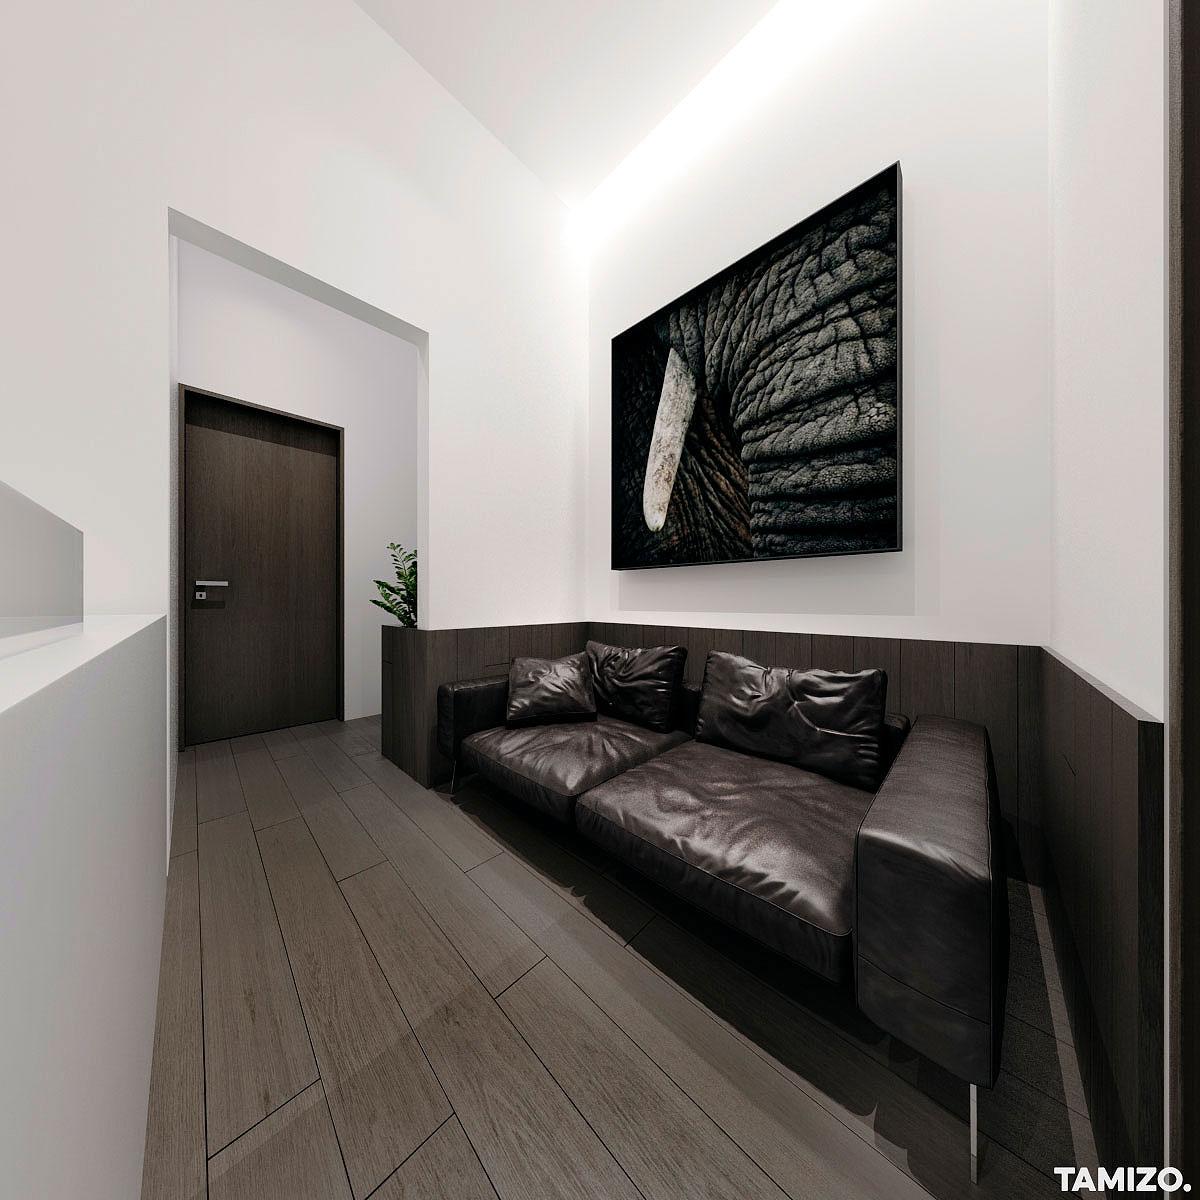 I060_tamizo_architekci_projekt_wnetrz_stara_kamienica_kancelaria_adwokacka_minimalizm_lodz_11